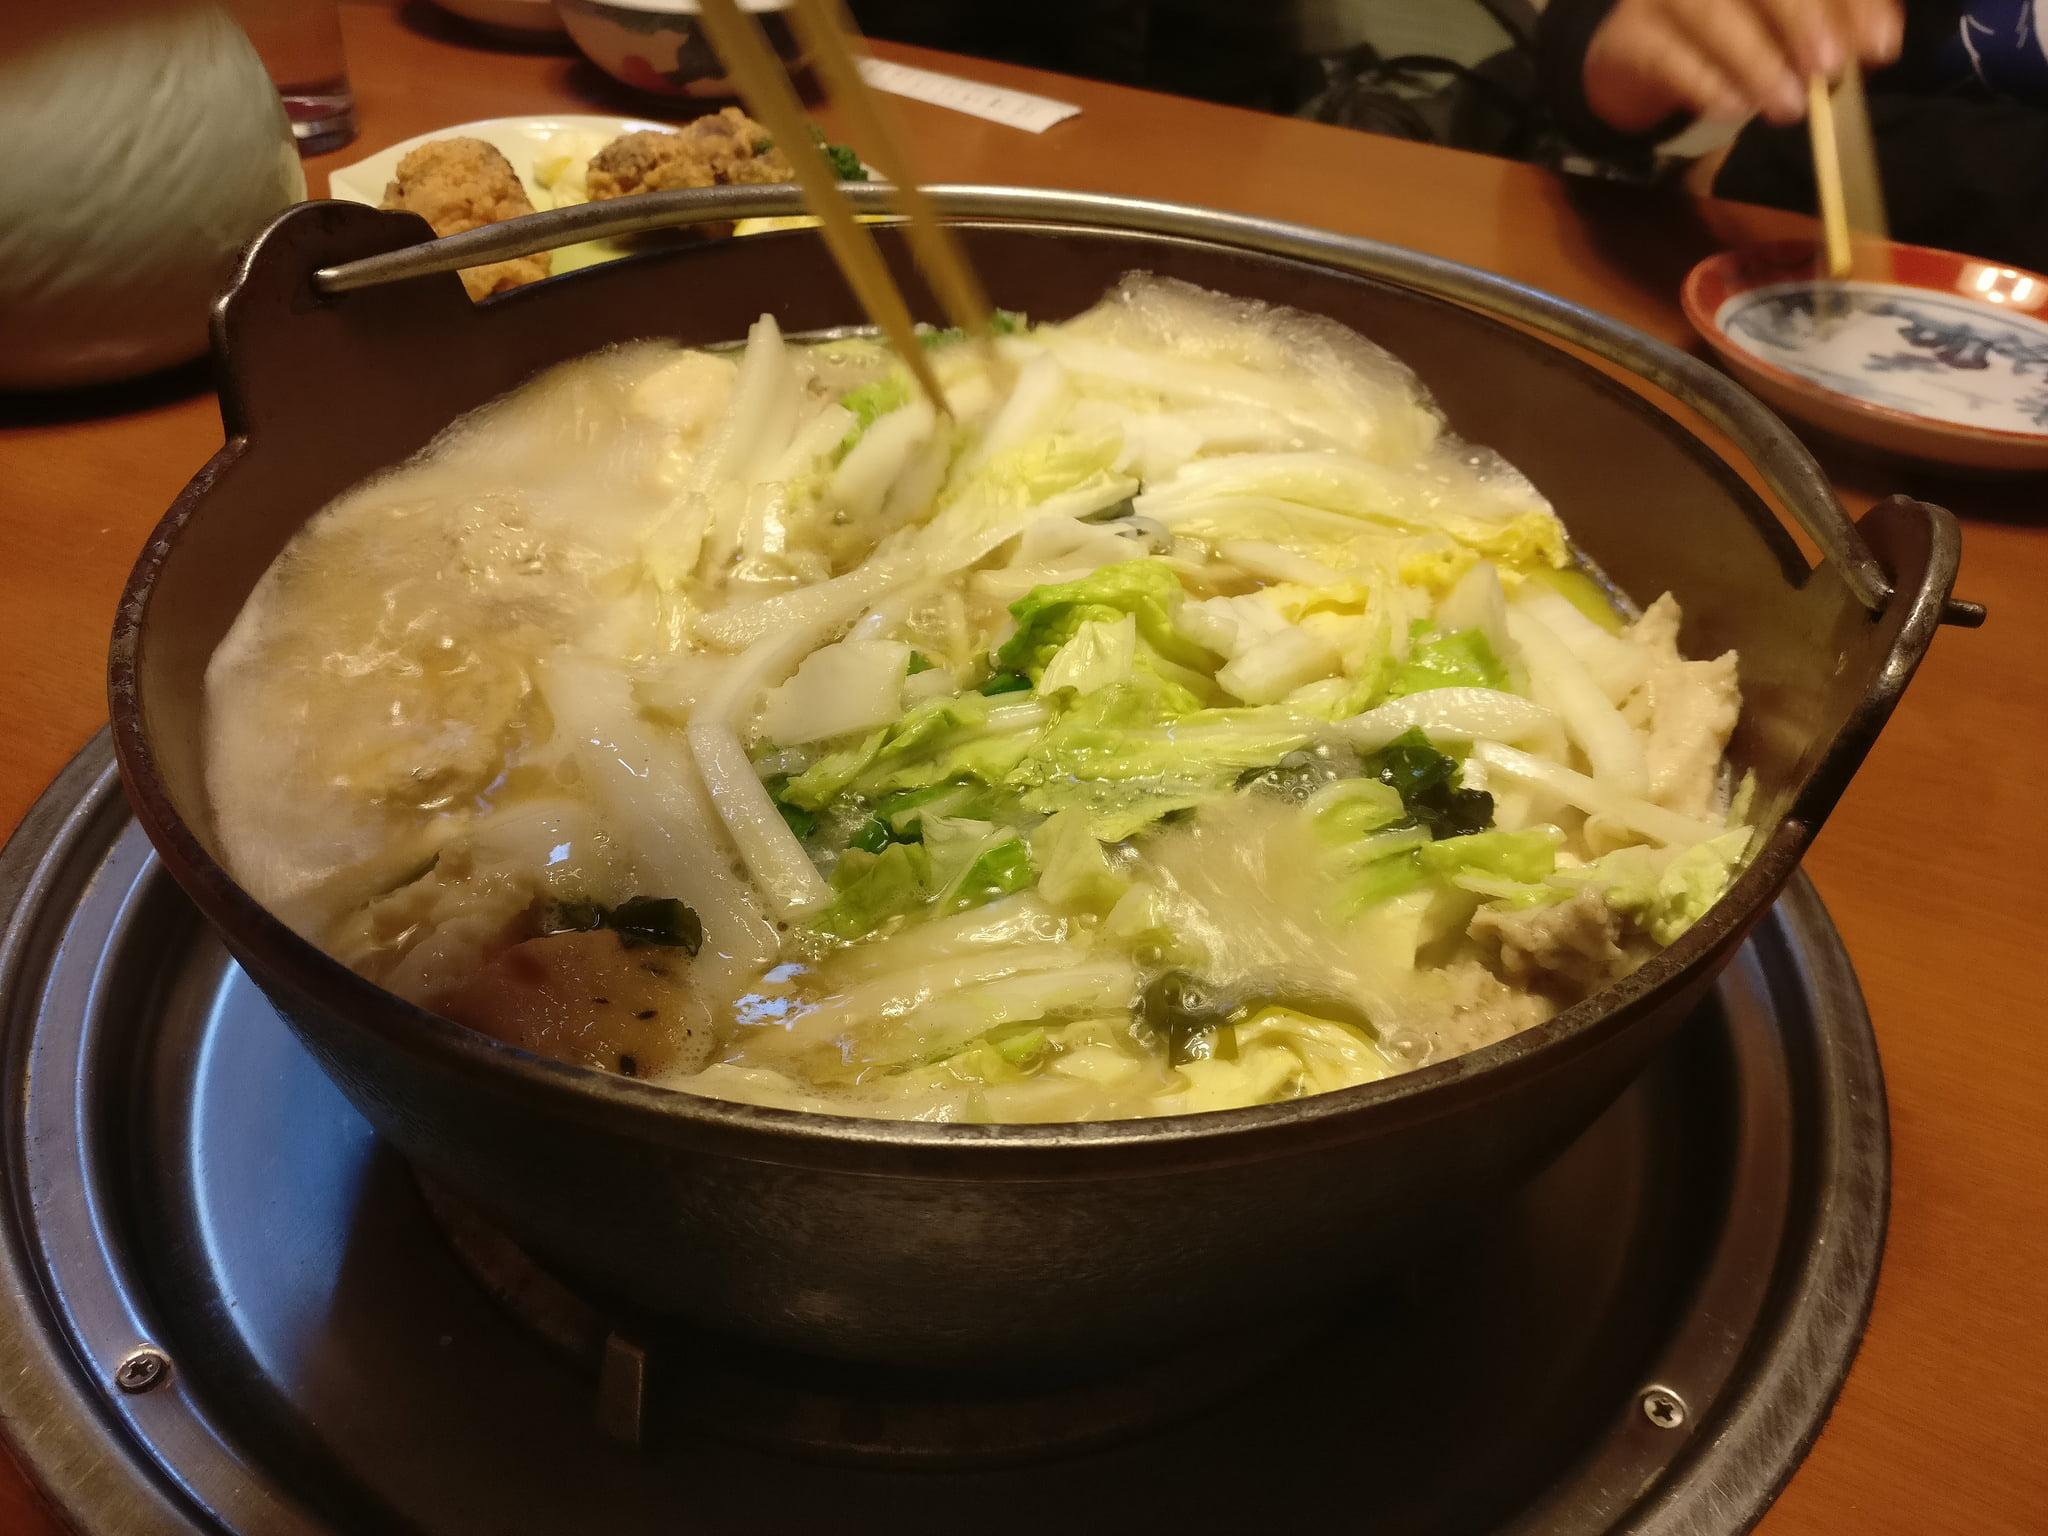 B級美食:相撲火鍋(ちゃんこ鍋)不管你有幾個胃就是要撐爆